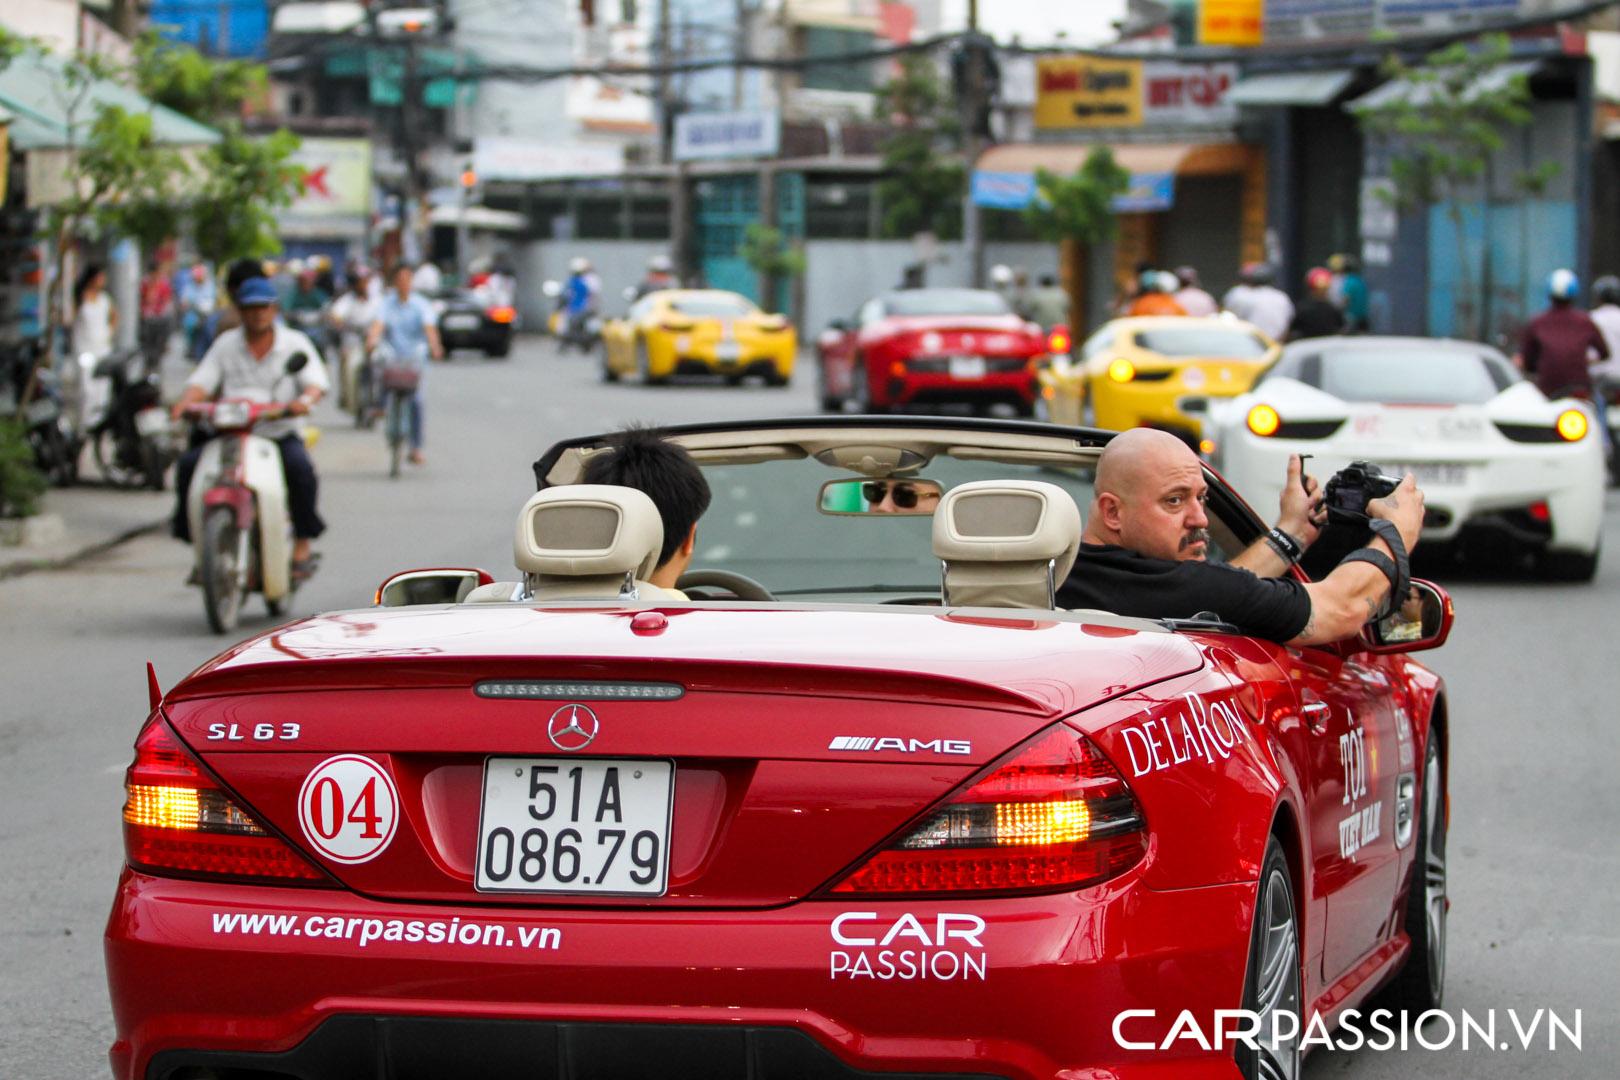 CP-Hành trình siêu xe CarPassion 2011 (26).jpg